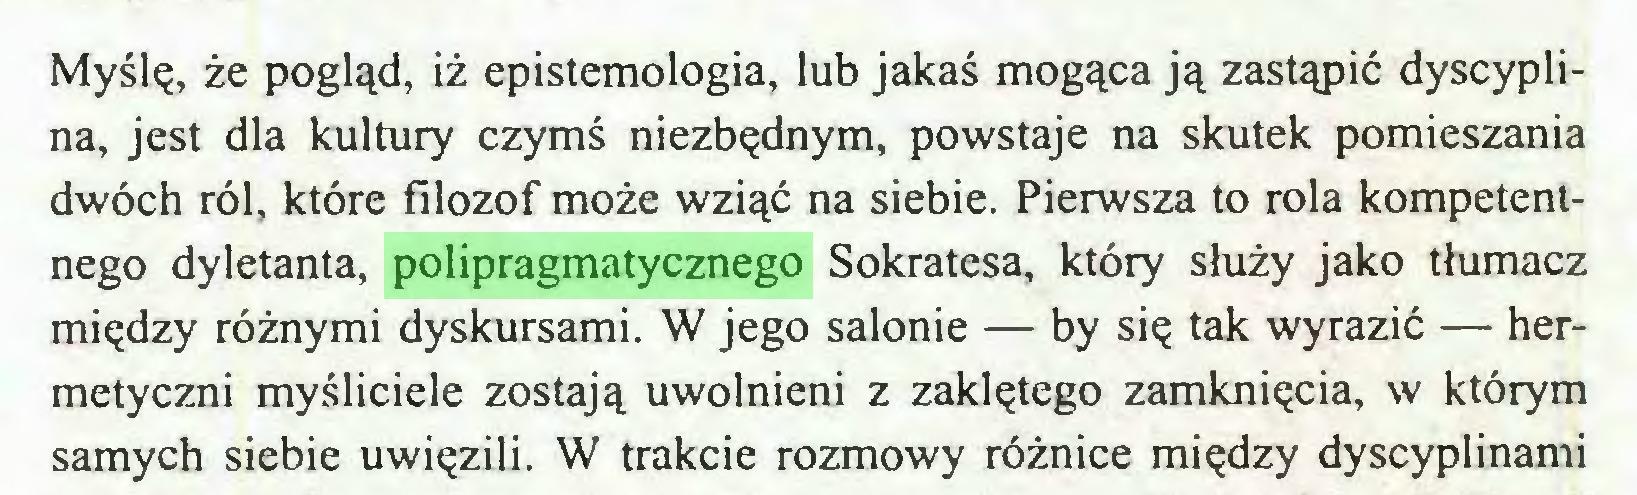 (...) Myślę, że pogląd, iż epistemologia, lub jakaś mogąca ją zastąpić dyscyplina, jest dla kultury czymś niezbędnym, powstaje na skutek pomieszania dwóch ról, które filozof może wziąć na siebie. Pierwsza to rola kompetentnego dyletanta, polipragmatycznego Sokratesa, który służy jako tłumacz między różnymi dyskursami. W jego salonie — by się tak wyrazić — hermetyczni myśliciele zostają uwolnieni z zaklętego zamknięcia, w którym samych siebie uwięzili. W trakcie rozmowy różnice między dyscyplinami...